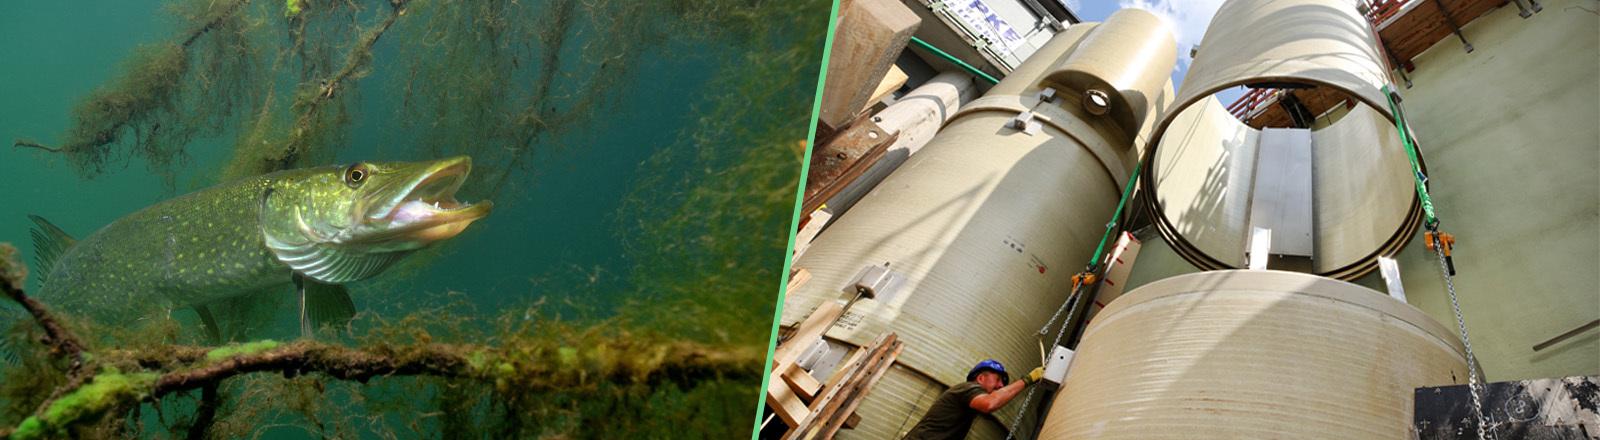 Collage: Foto links zeigt einen Hecht; Foto rechts ist der Blick auf den Bau des Fischlifts, ein Teilstück der Röhre für den Fischlift wird für den Zusammenbau mit einem Kran herangeschafft; Fotos: dpa